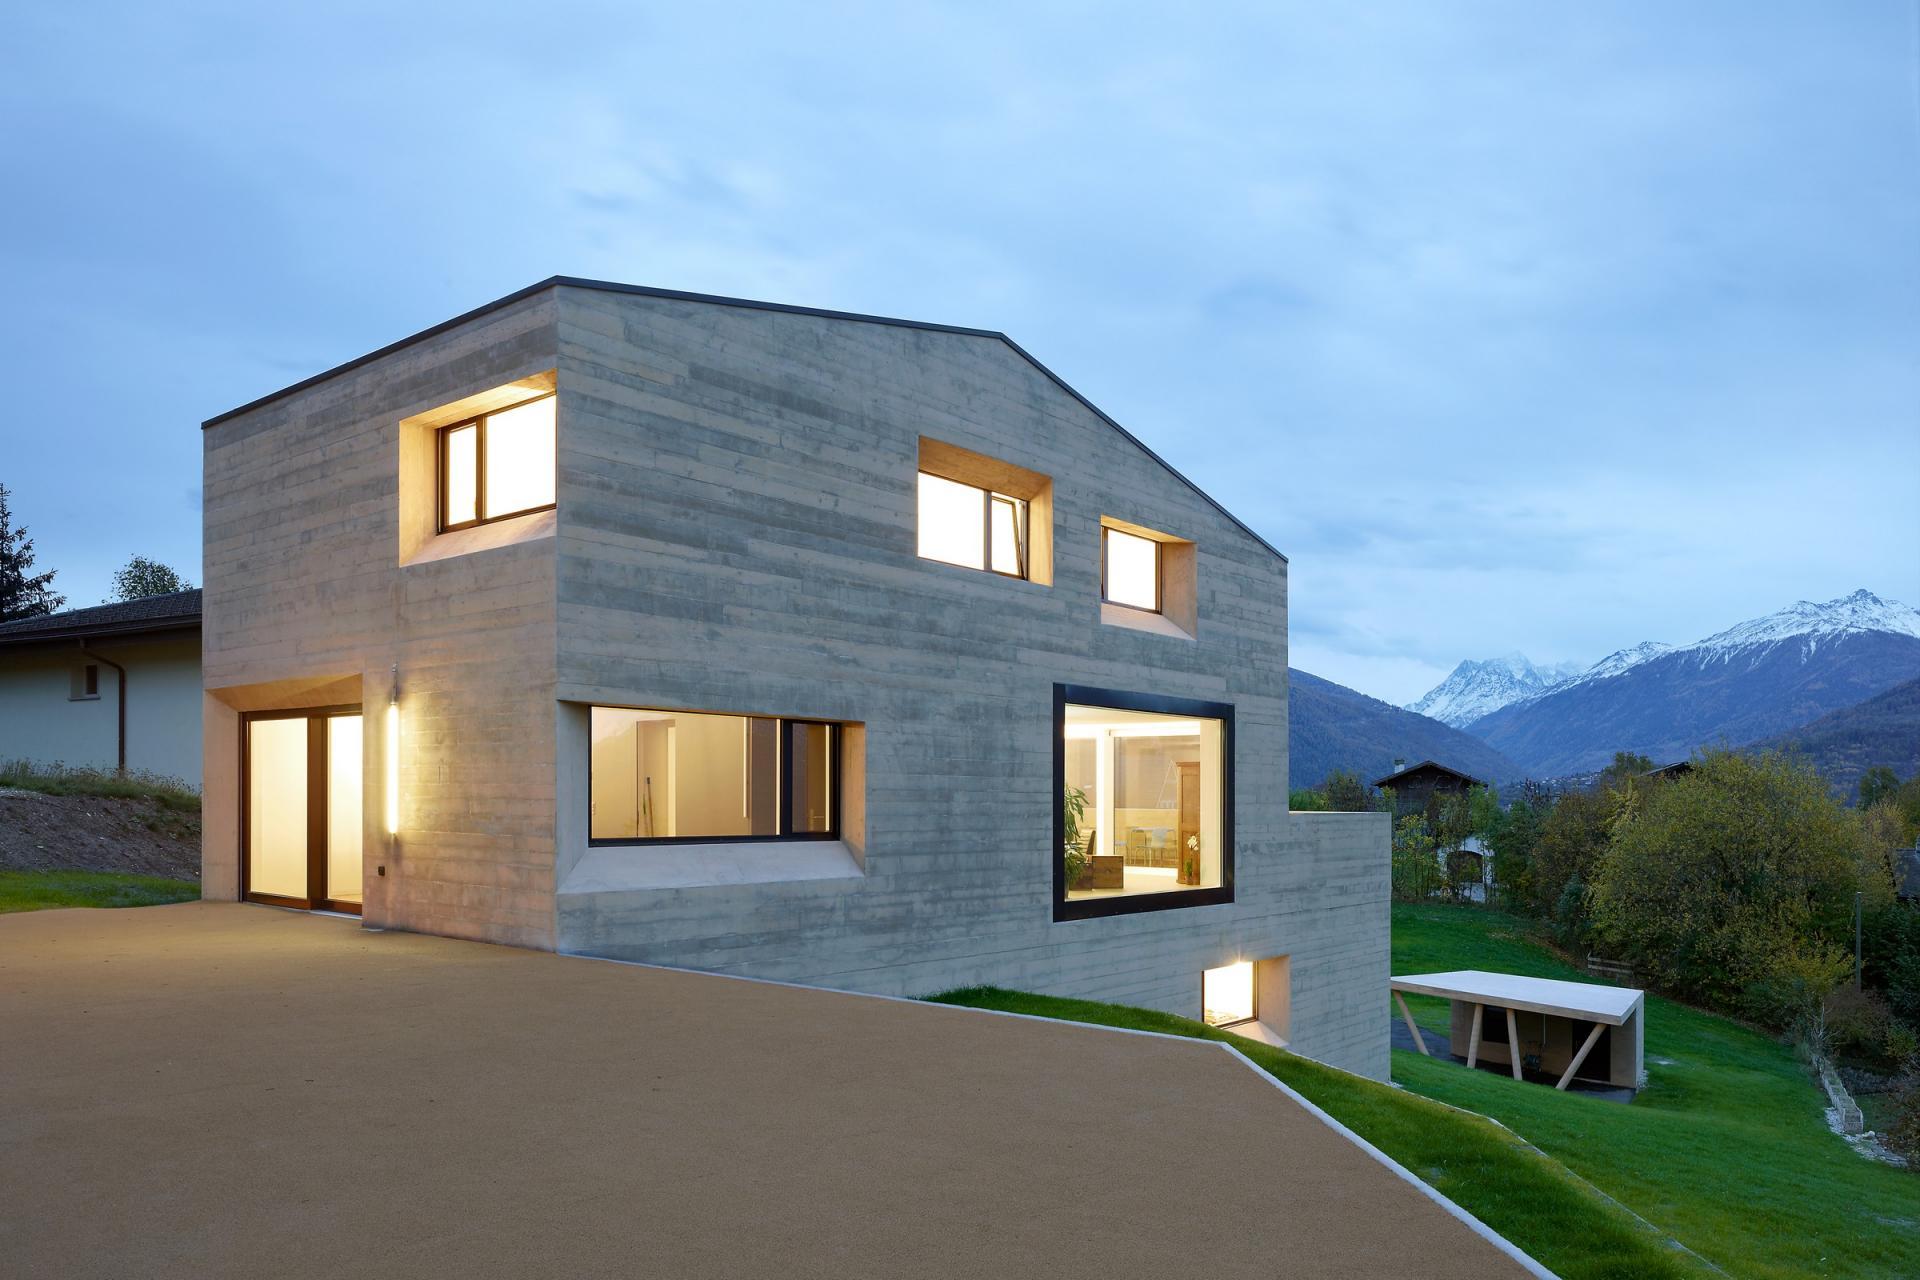 . Modern Prefab Home in Sloping Hillside Design